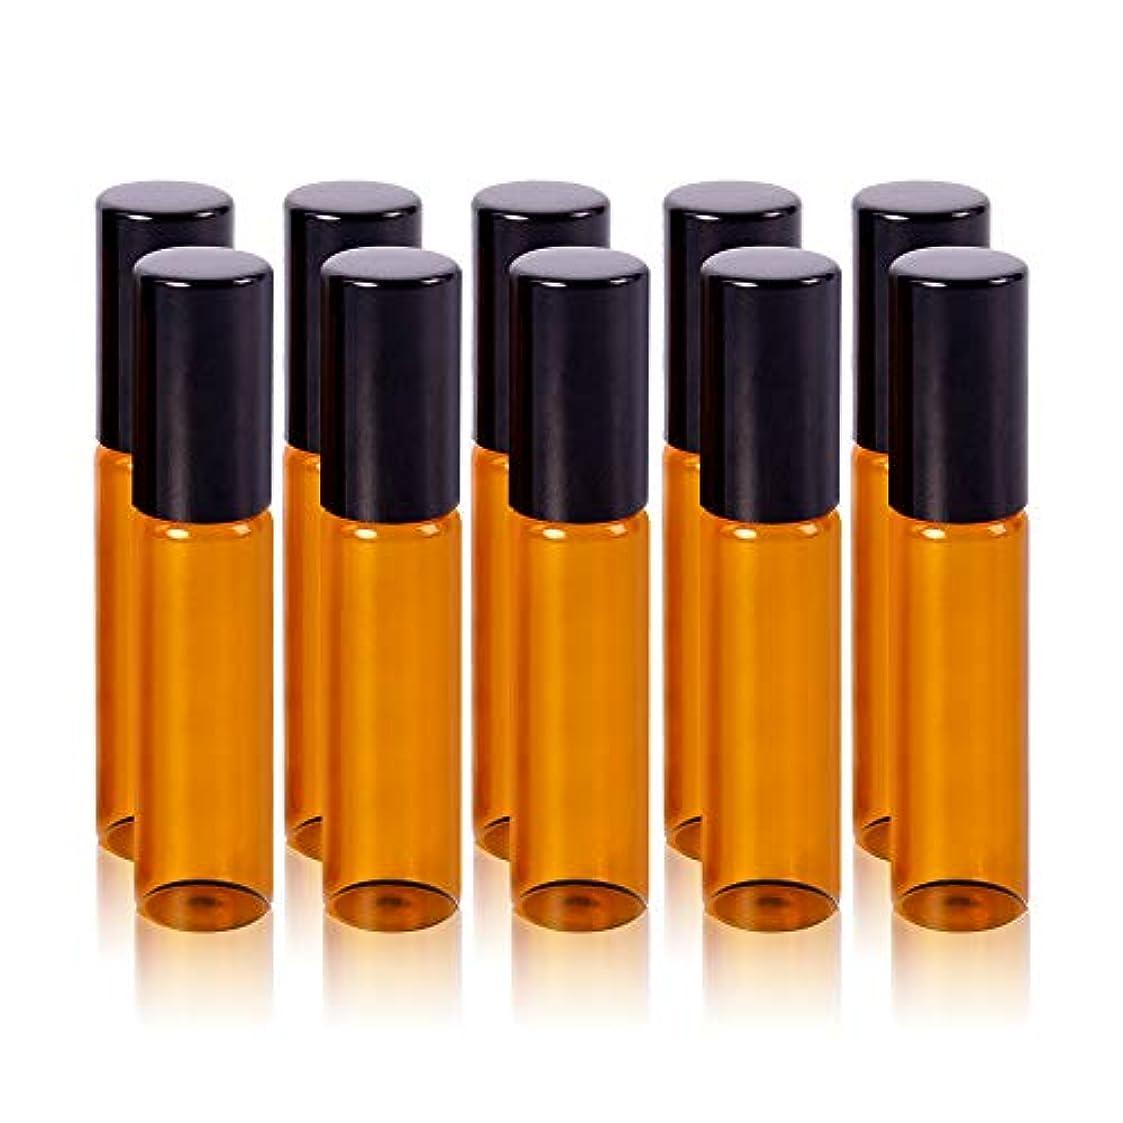 ハードリング食用めんどりアロマオイル 精油 小分け用 遮光瓶 10本セット (5ml)